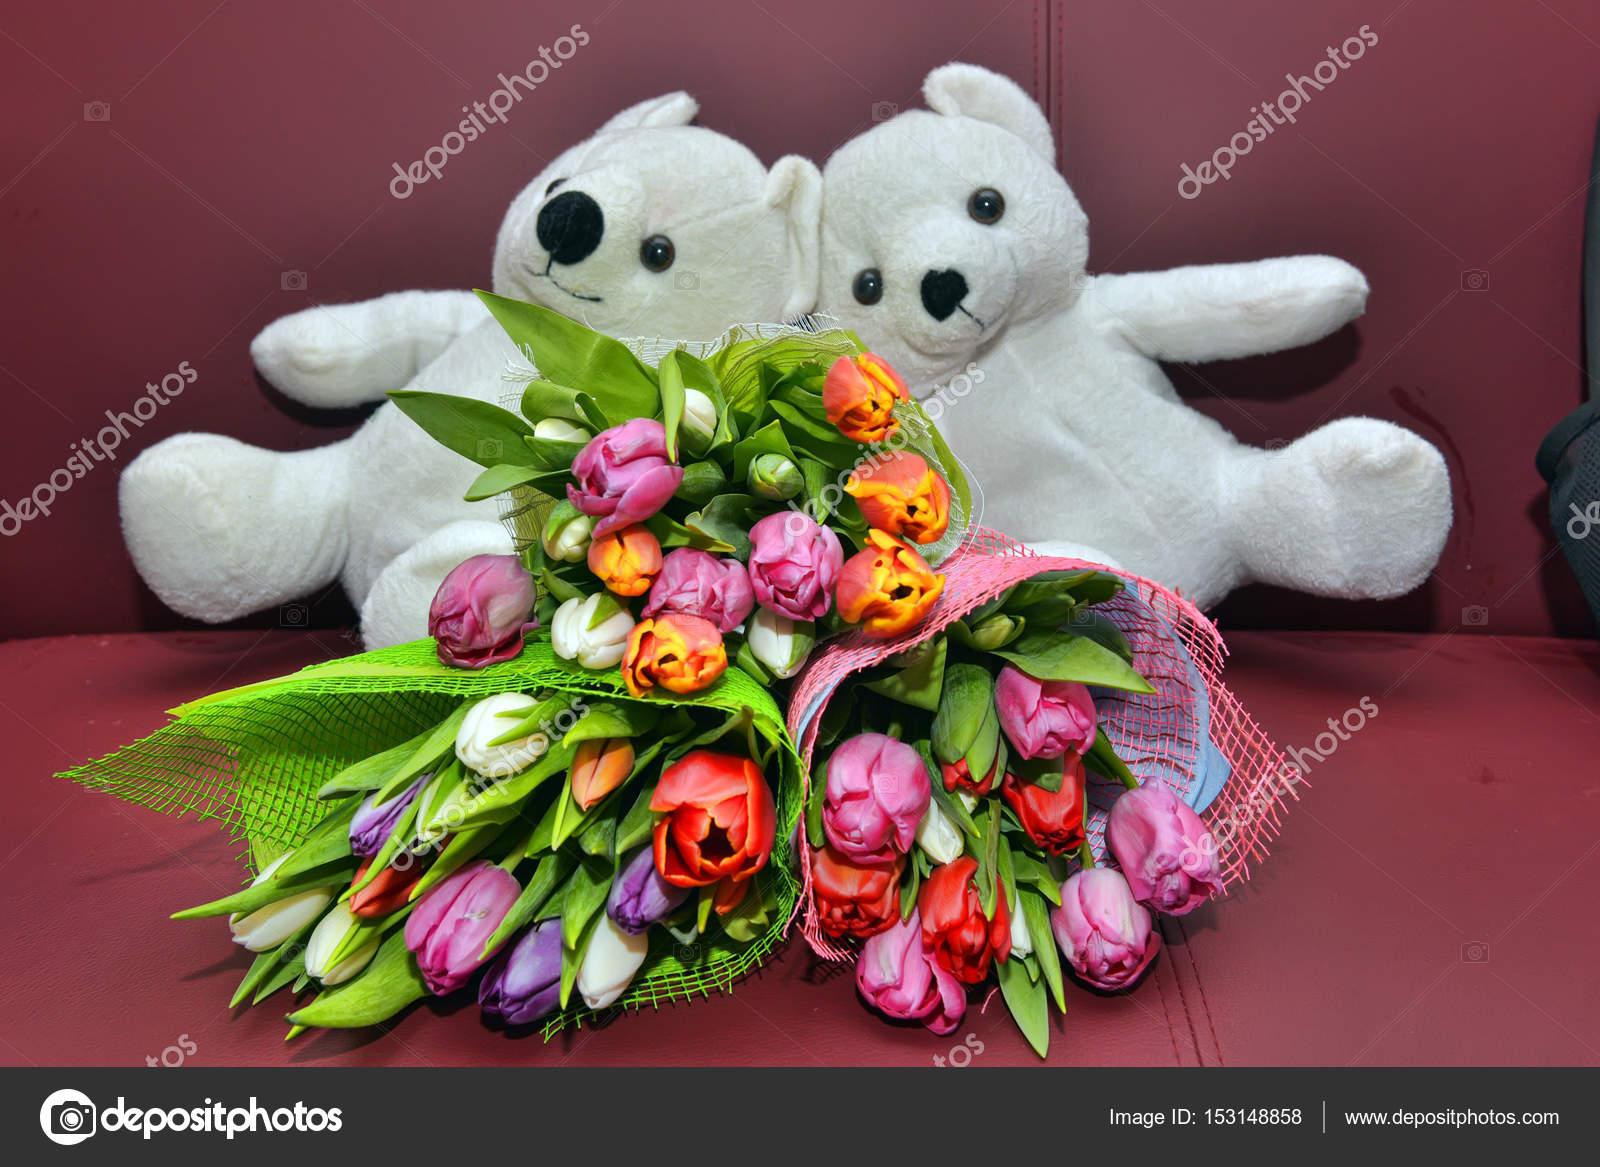 Weisse Teddybaren Und Blumenstrausse Von Tulpen Stockfoto C Evdoha